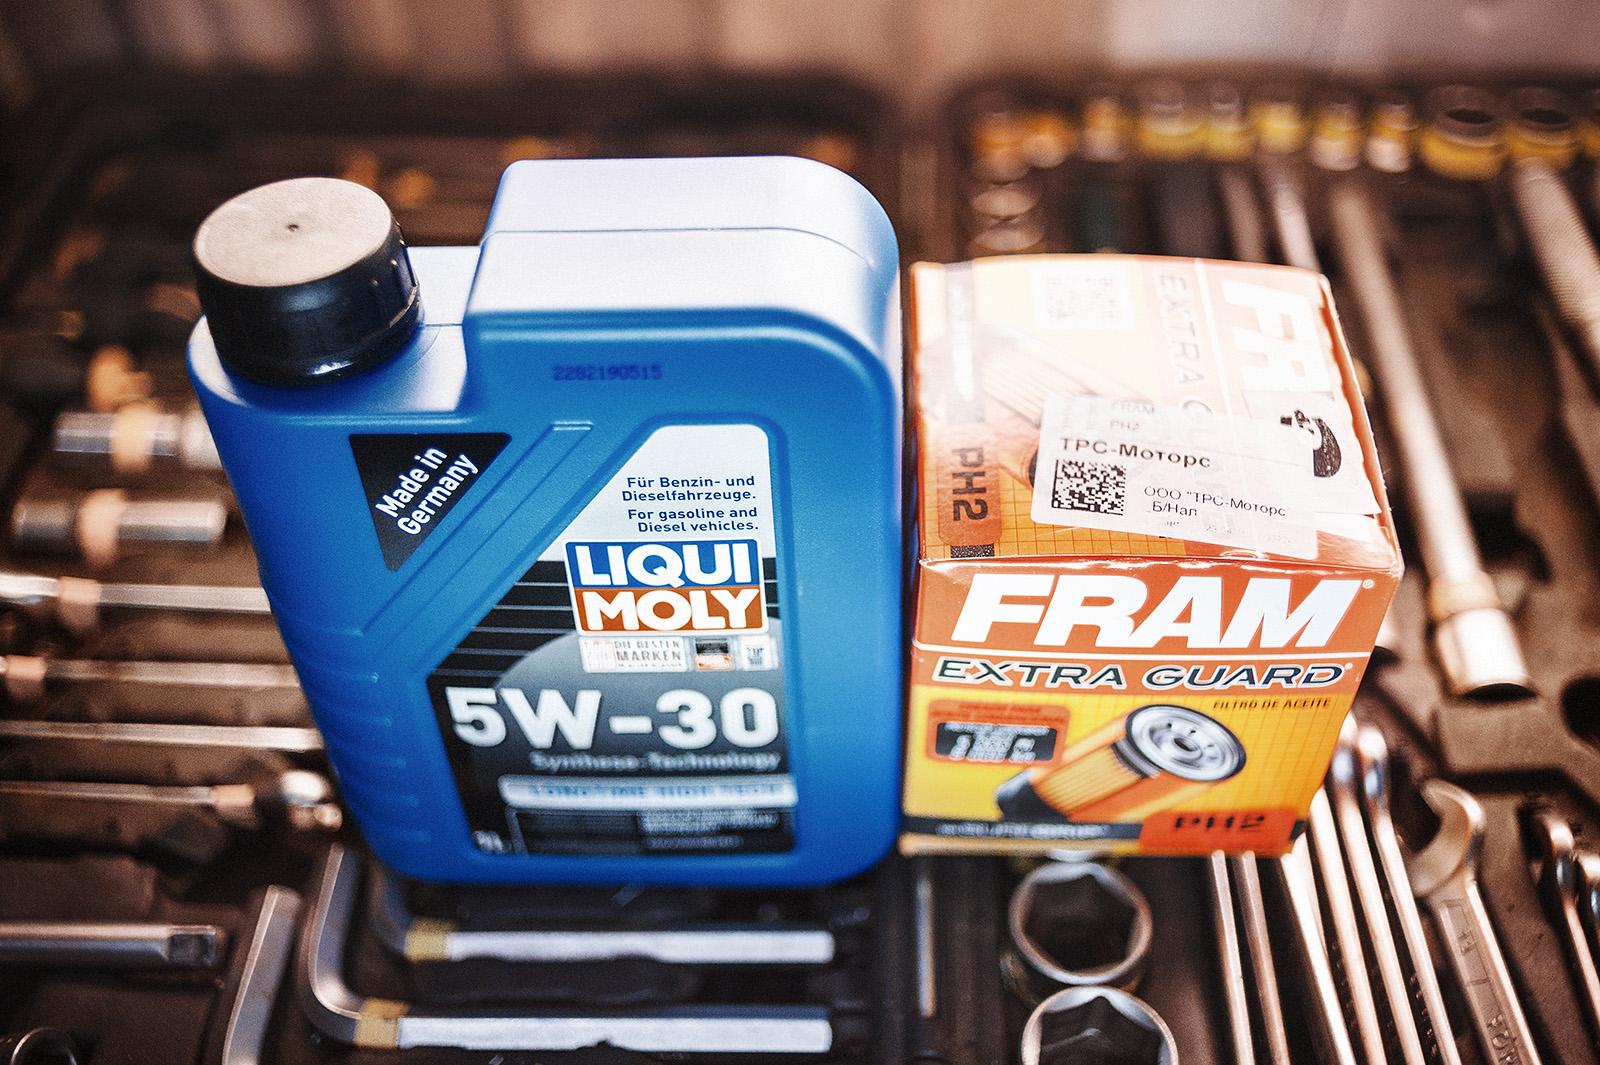 Масло и масляный фильтр для технического обслуживания